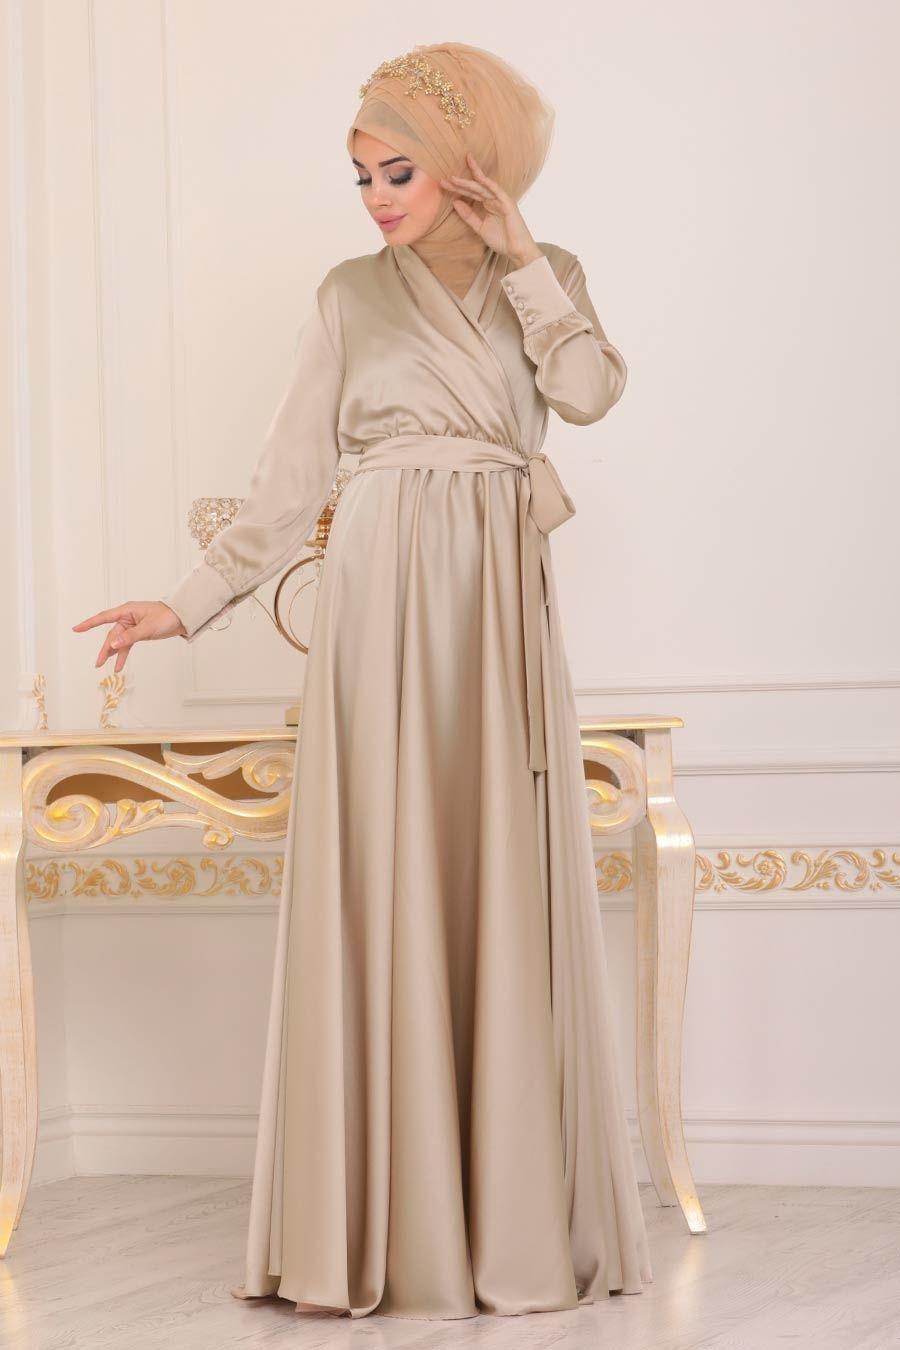 Tesetturlu Abiye Elbise V Yaka Krep Saten Bej Tesettur Abiye Elbise 1418bej Tesetturisland Com Aksamustu Giysileri The Dress V Yaka